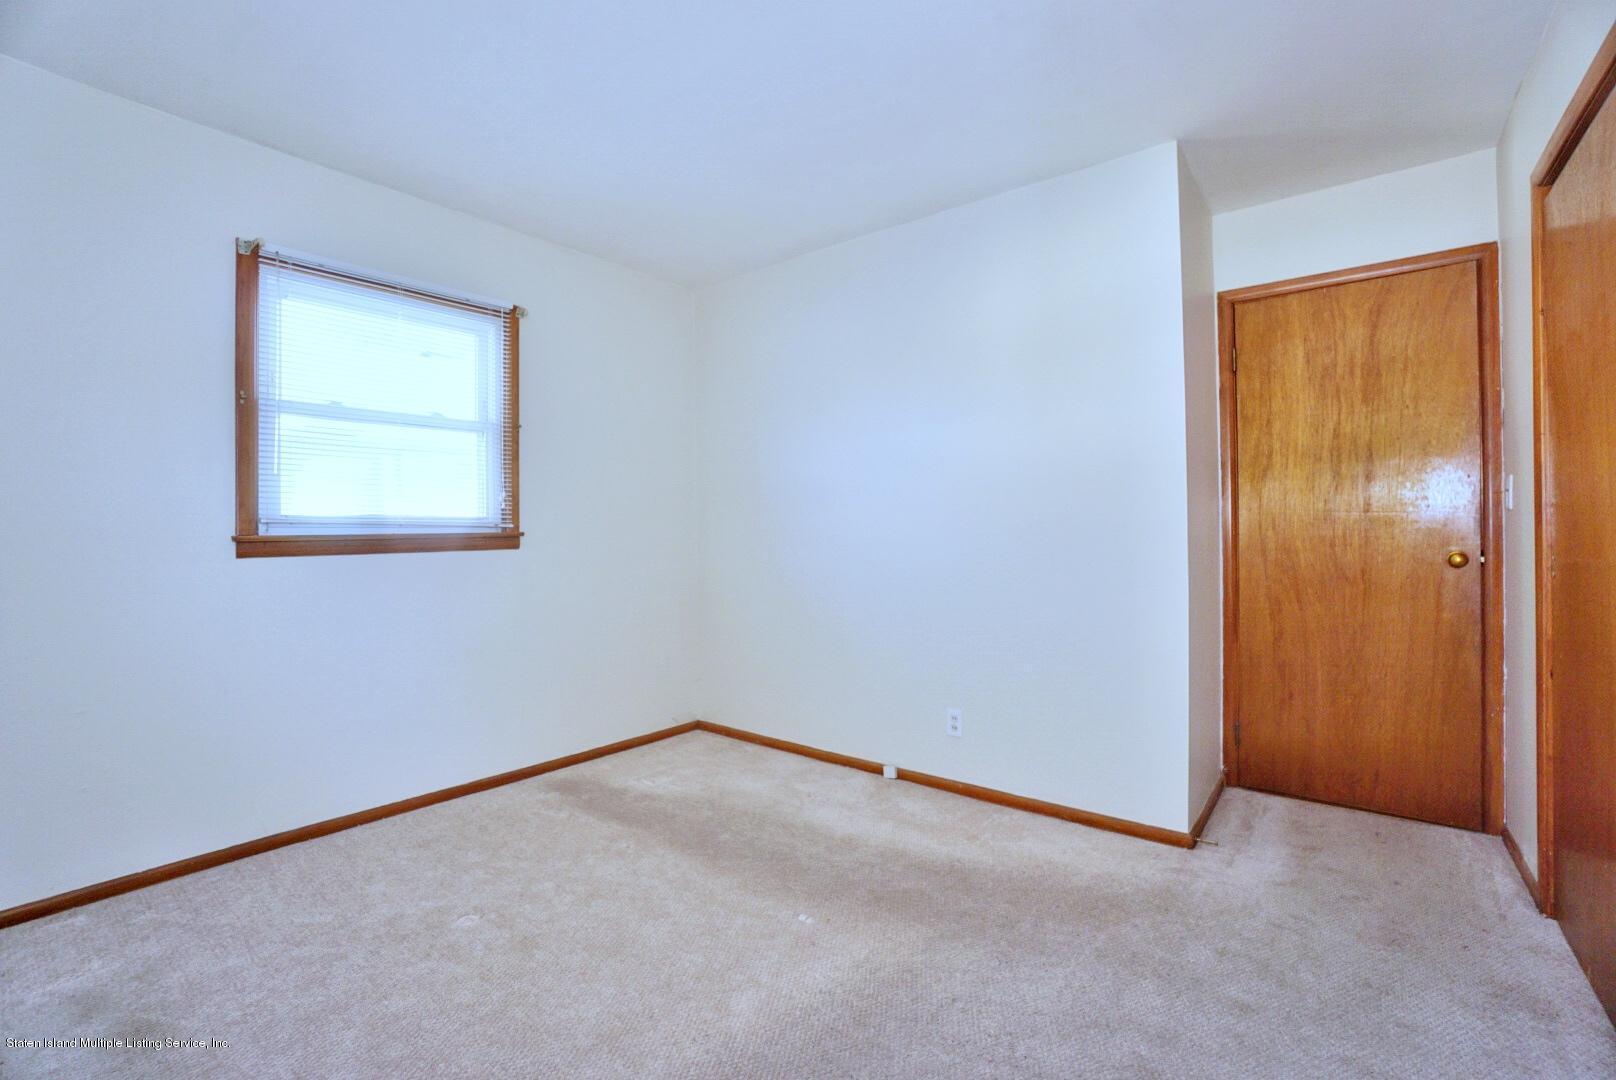 Single Family - Detached 215 Fairbanks Avenue  Staten Island, NY 10306, MLS-1138817-25